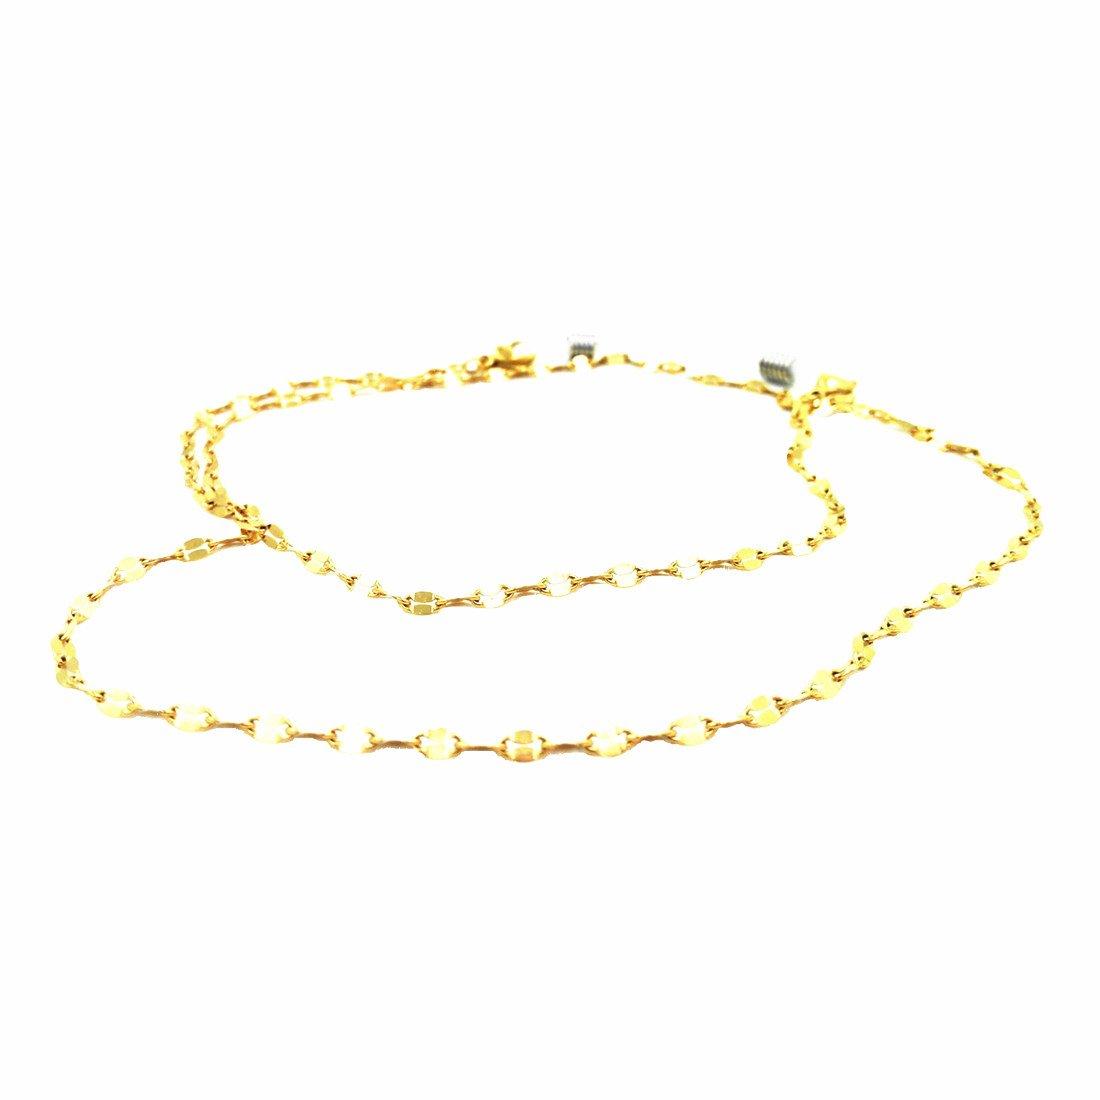 Kalevel Eyeglasses Chain Eyeglasses Holder Glasses Strap Necklace for Women Men Gold